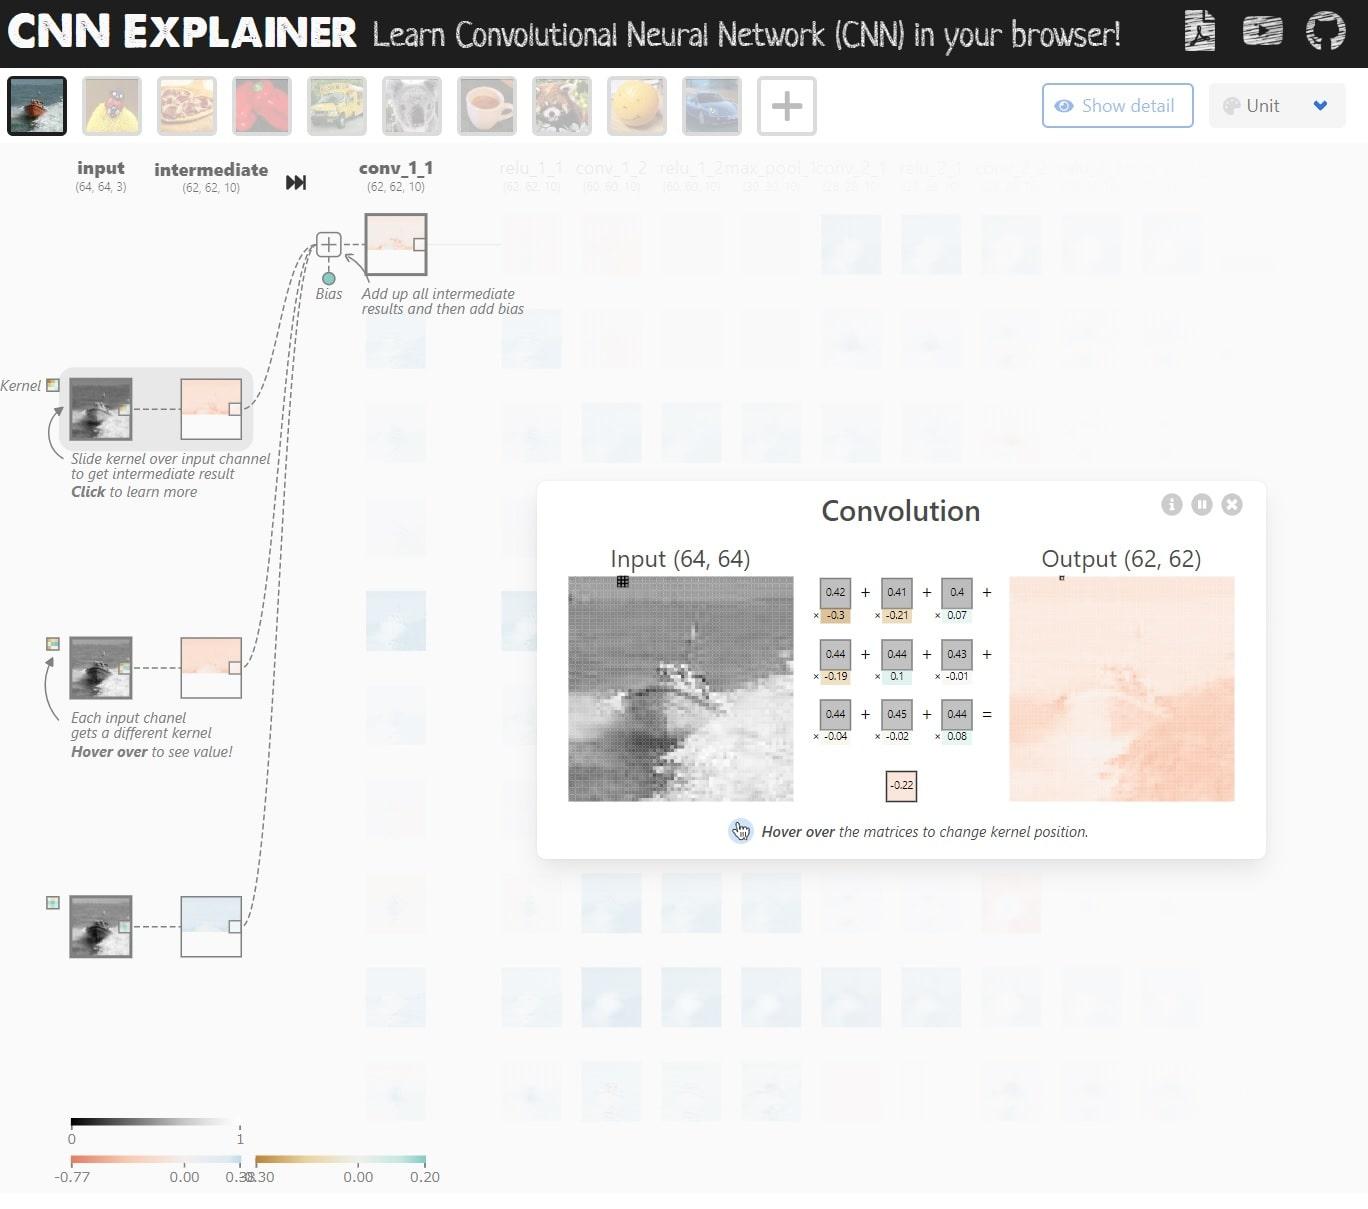 cnn_explainer-min